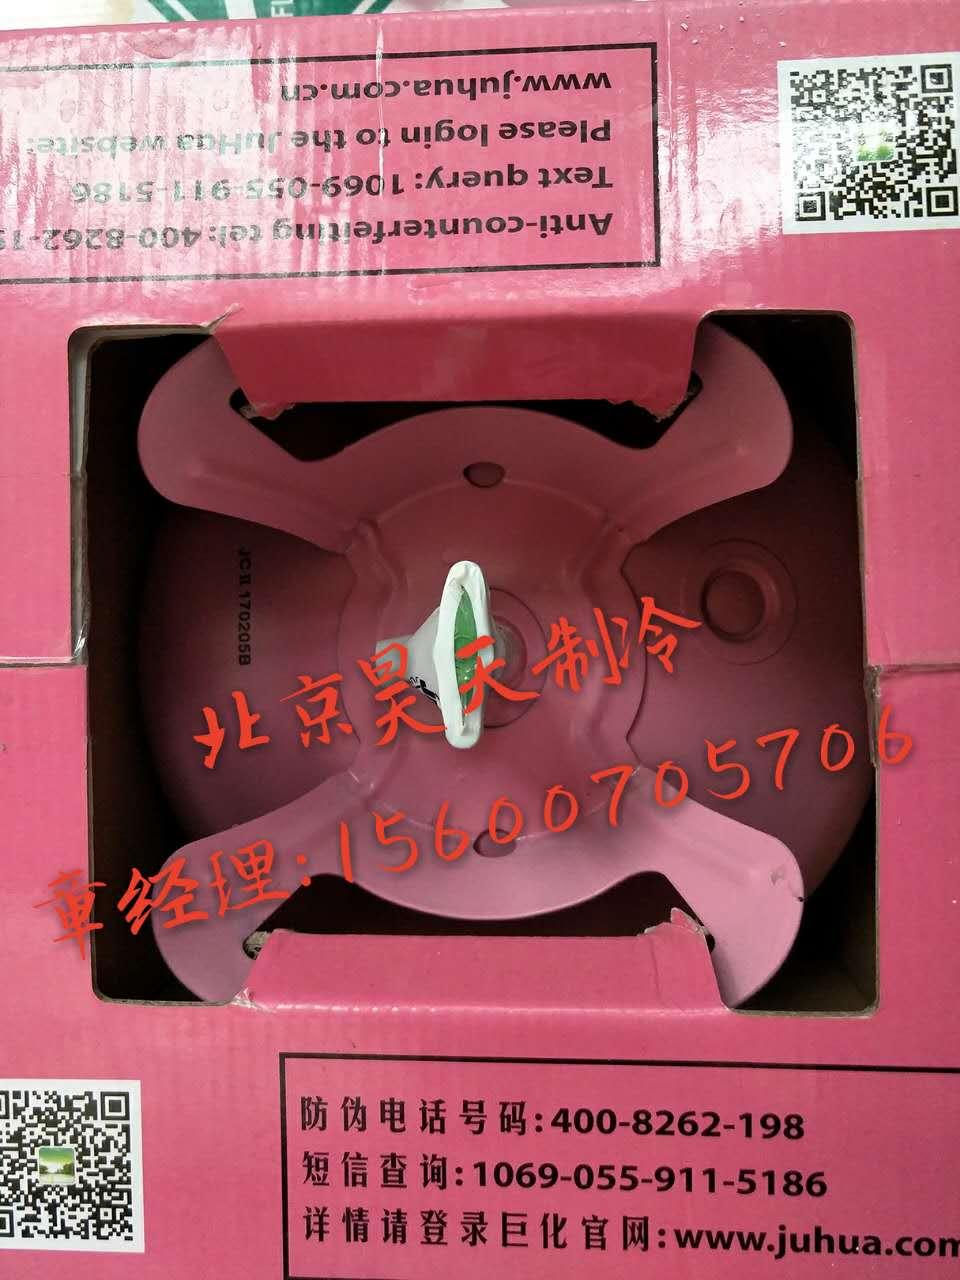 autentsed juhua kasutati konditsioneeri külmutusagensi netomass külmhoone 10kg, mis on freoon lund.